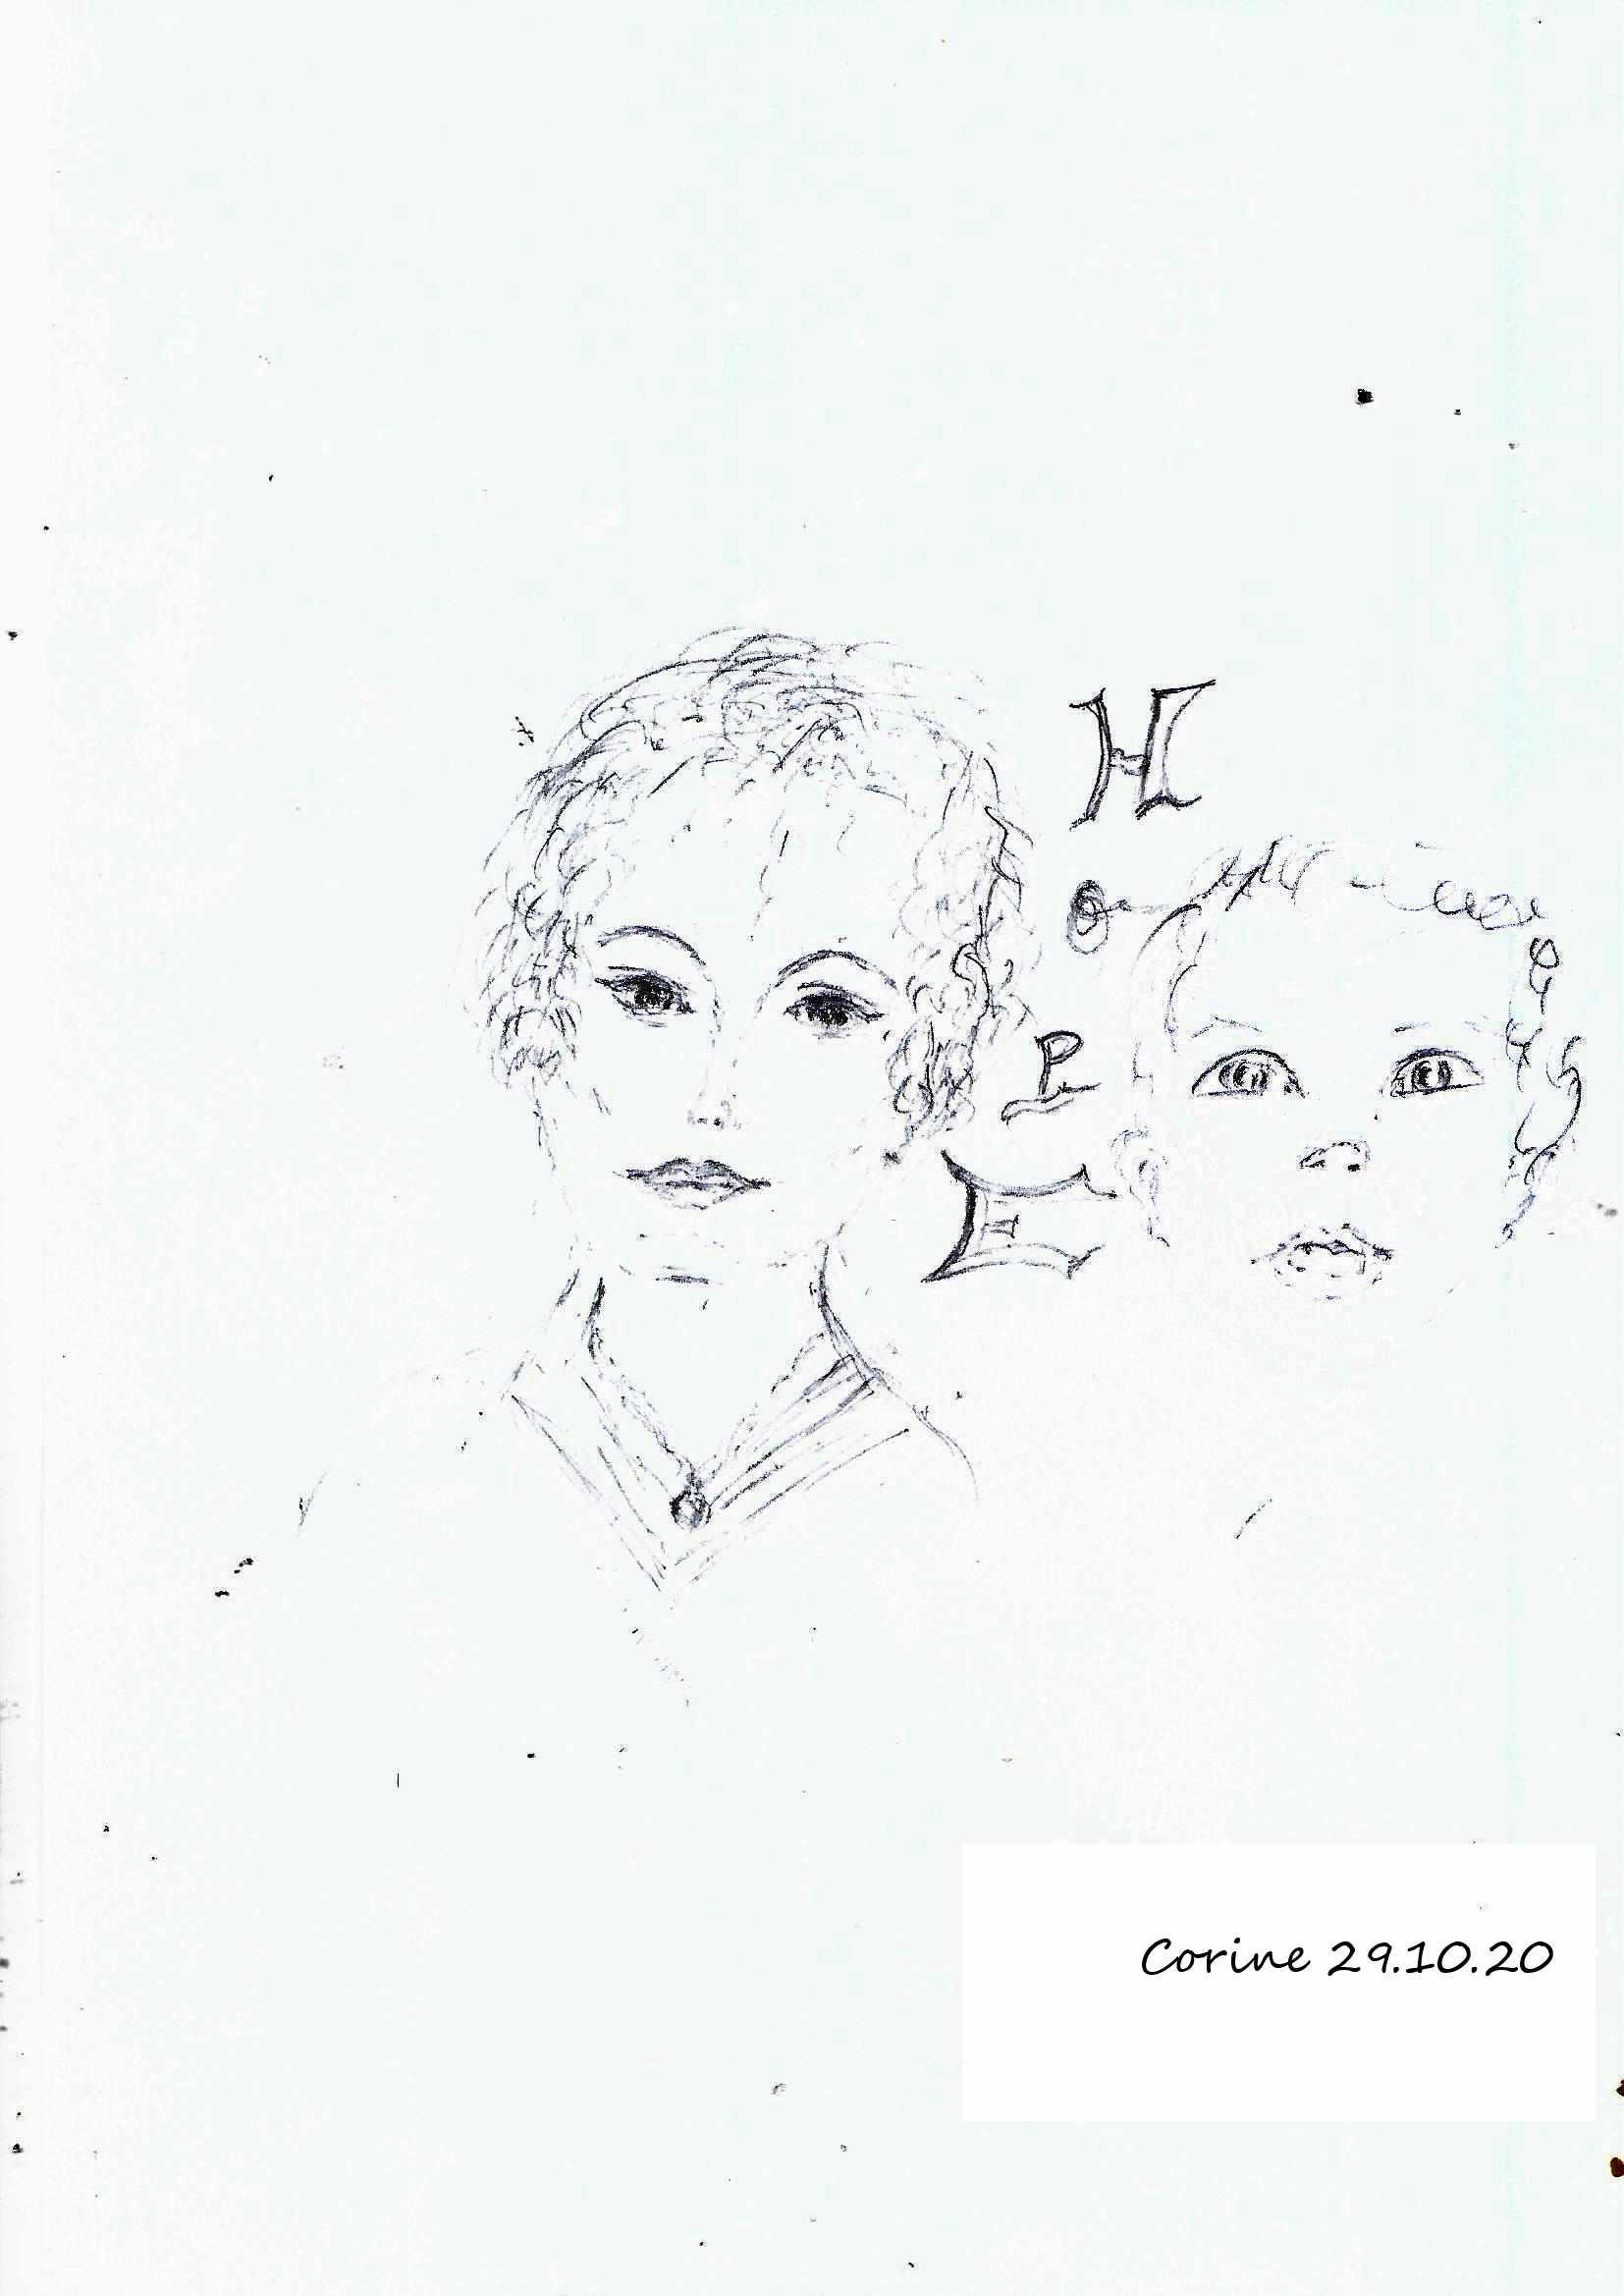 Dessin mère et enfant hope 29.10.20.jpg